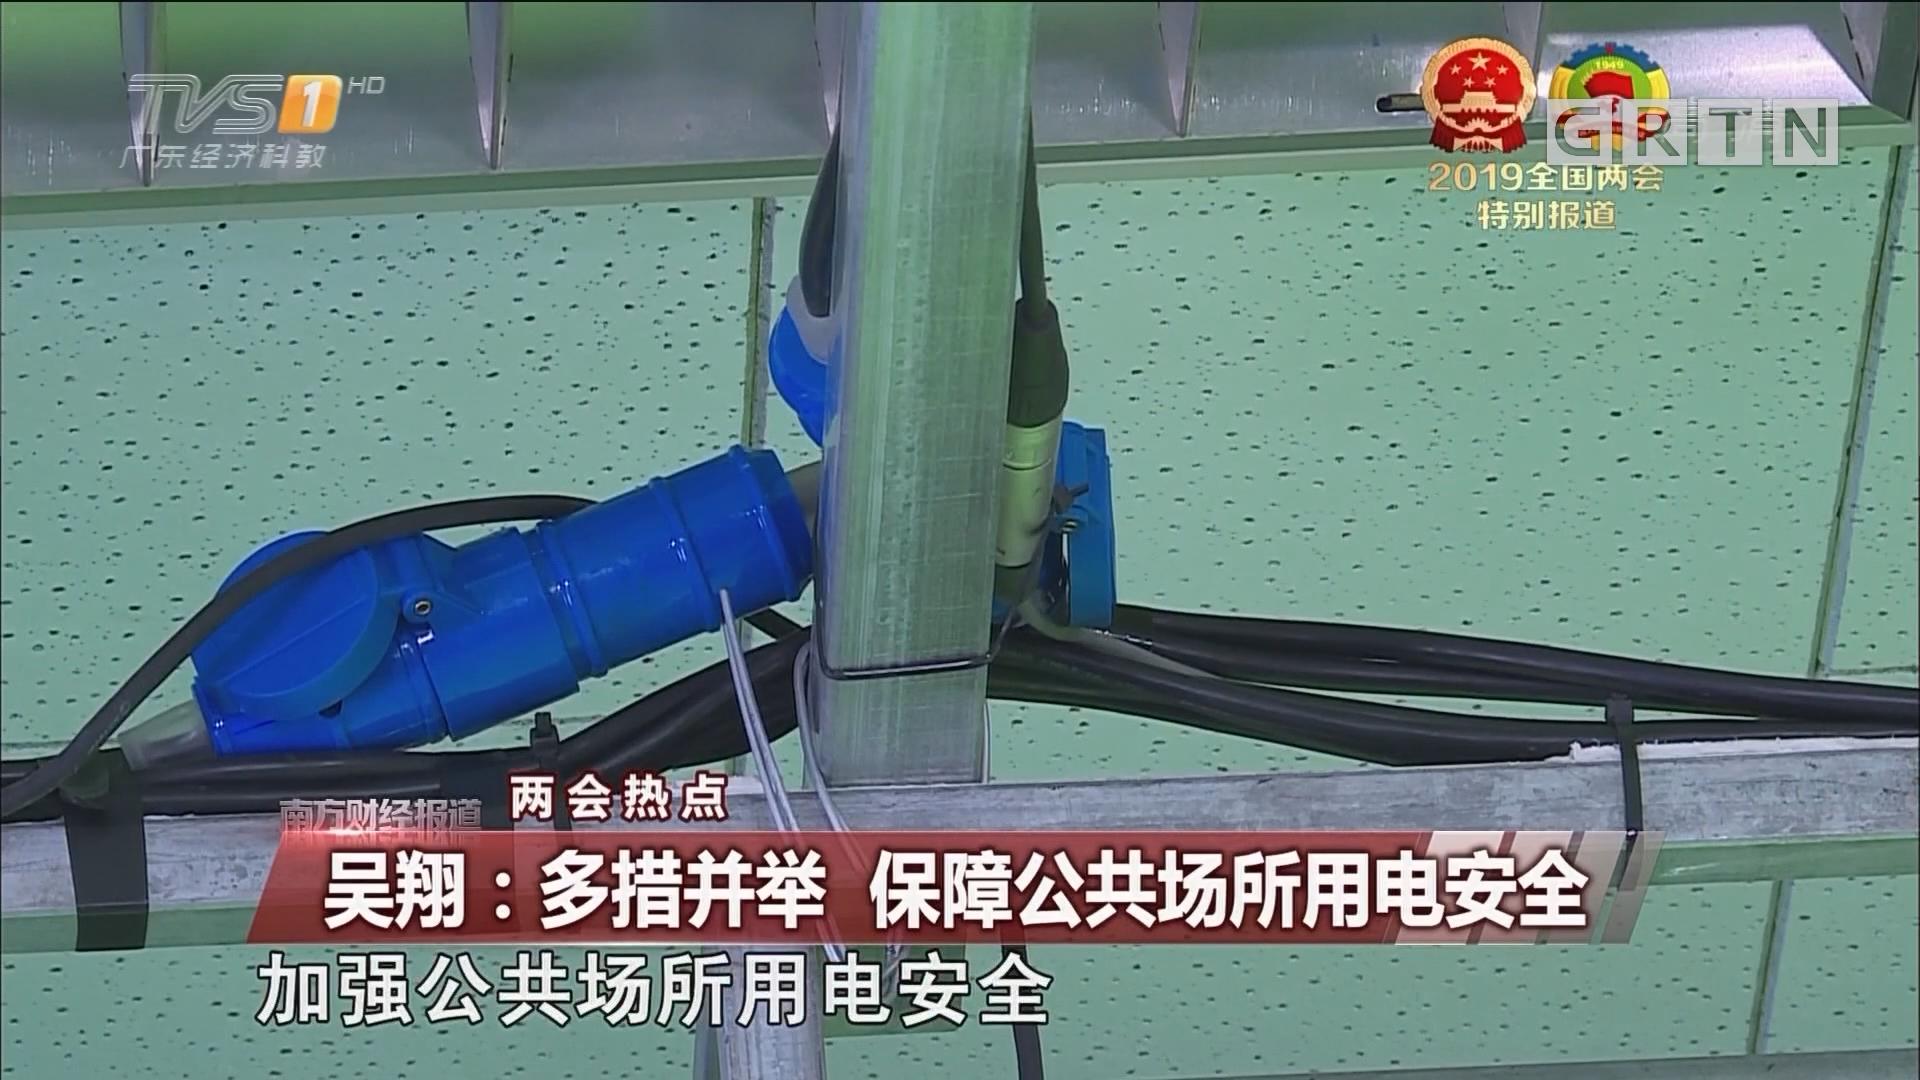 两会热点 吴翔:多措并举 保障公共场所用电安全